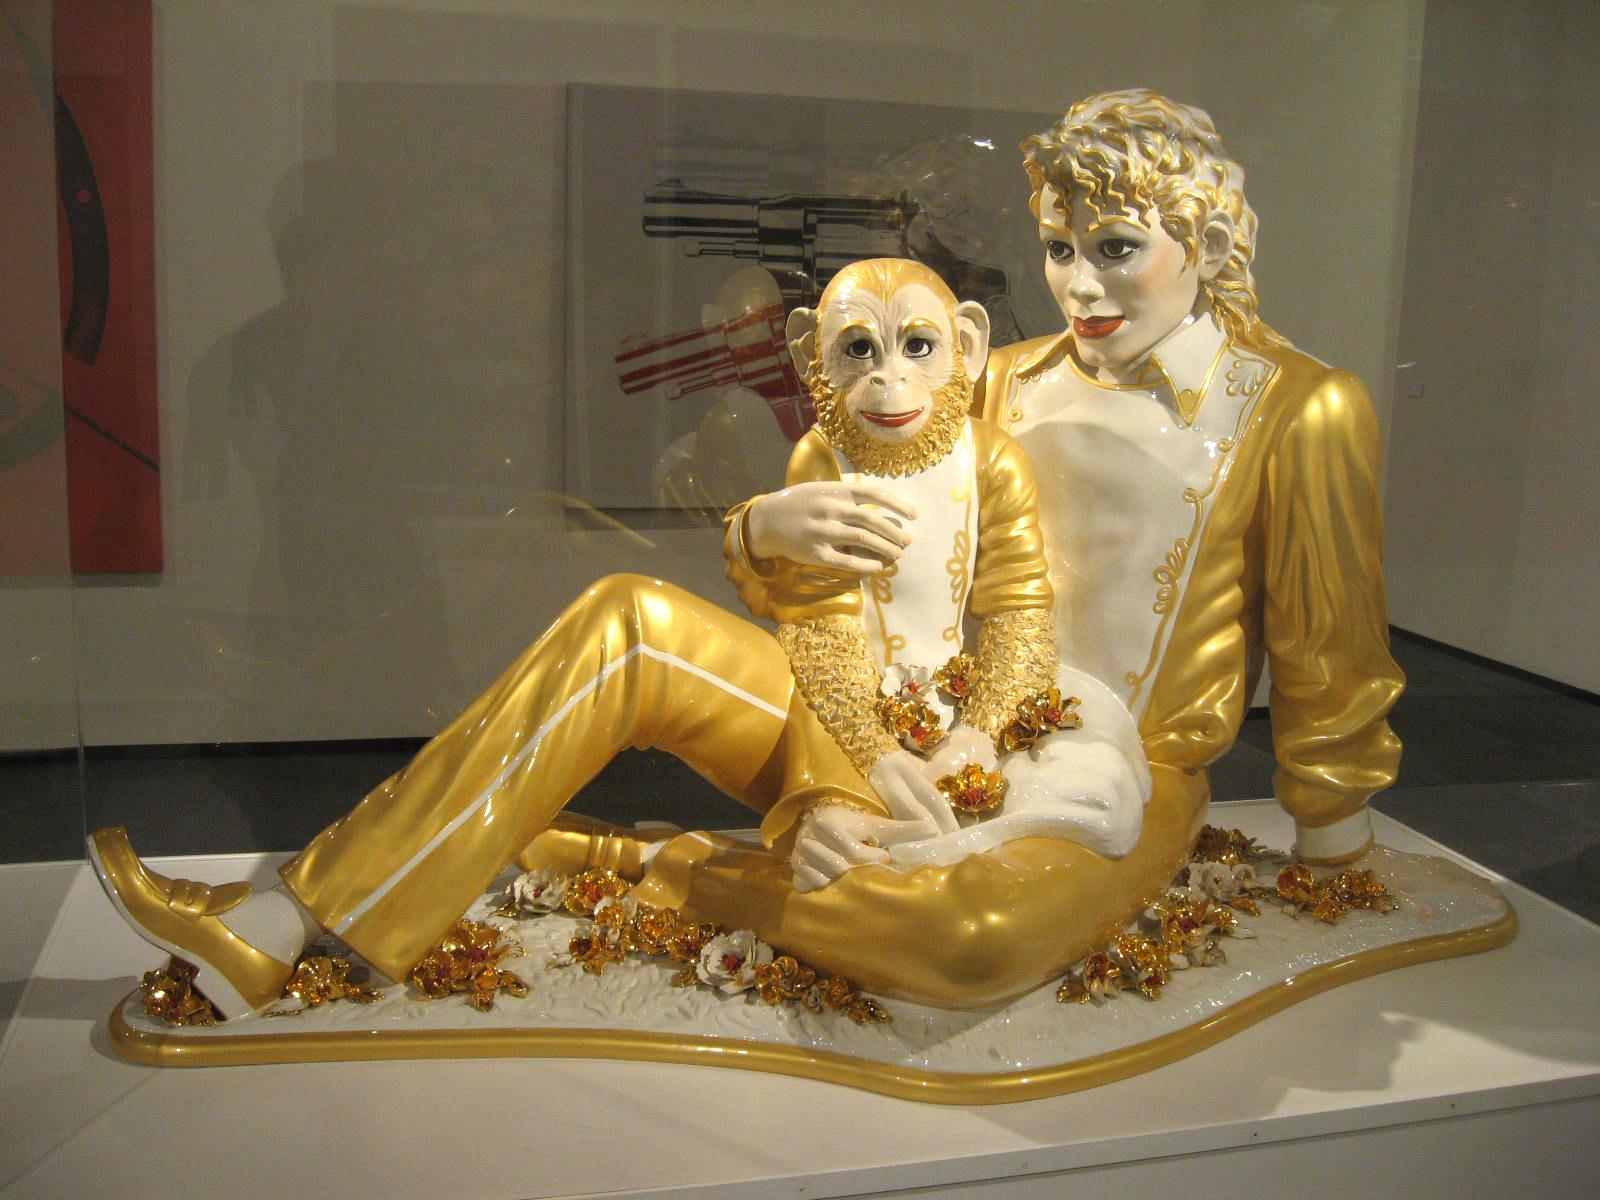 Michael_Jackson_and_Bubbles_(porcelain_sculpture)